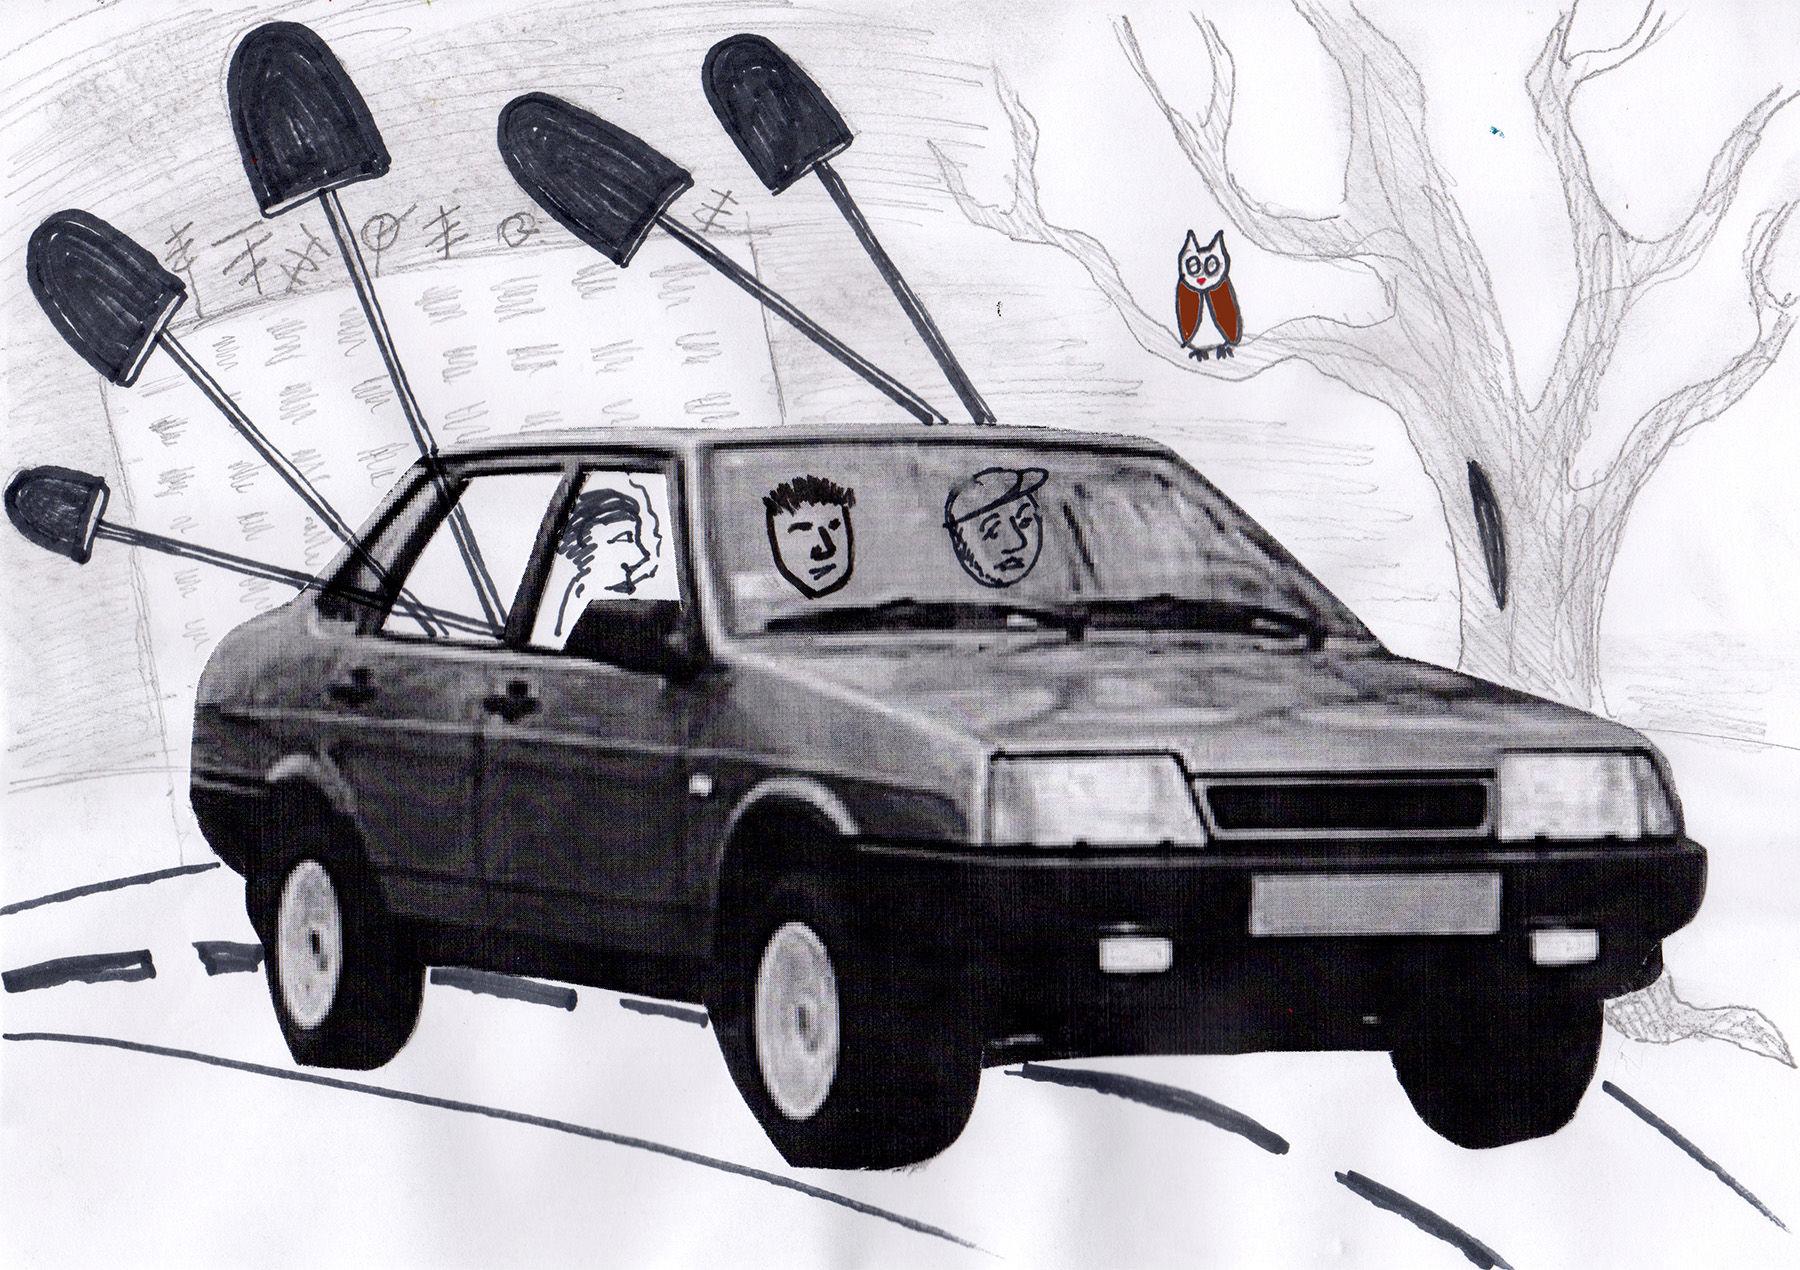 Монолог копача ©Иллюстрация арт-группировки ЗИП специально для Юга.ру